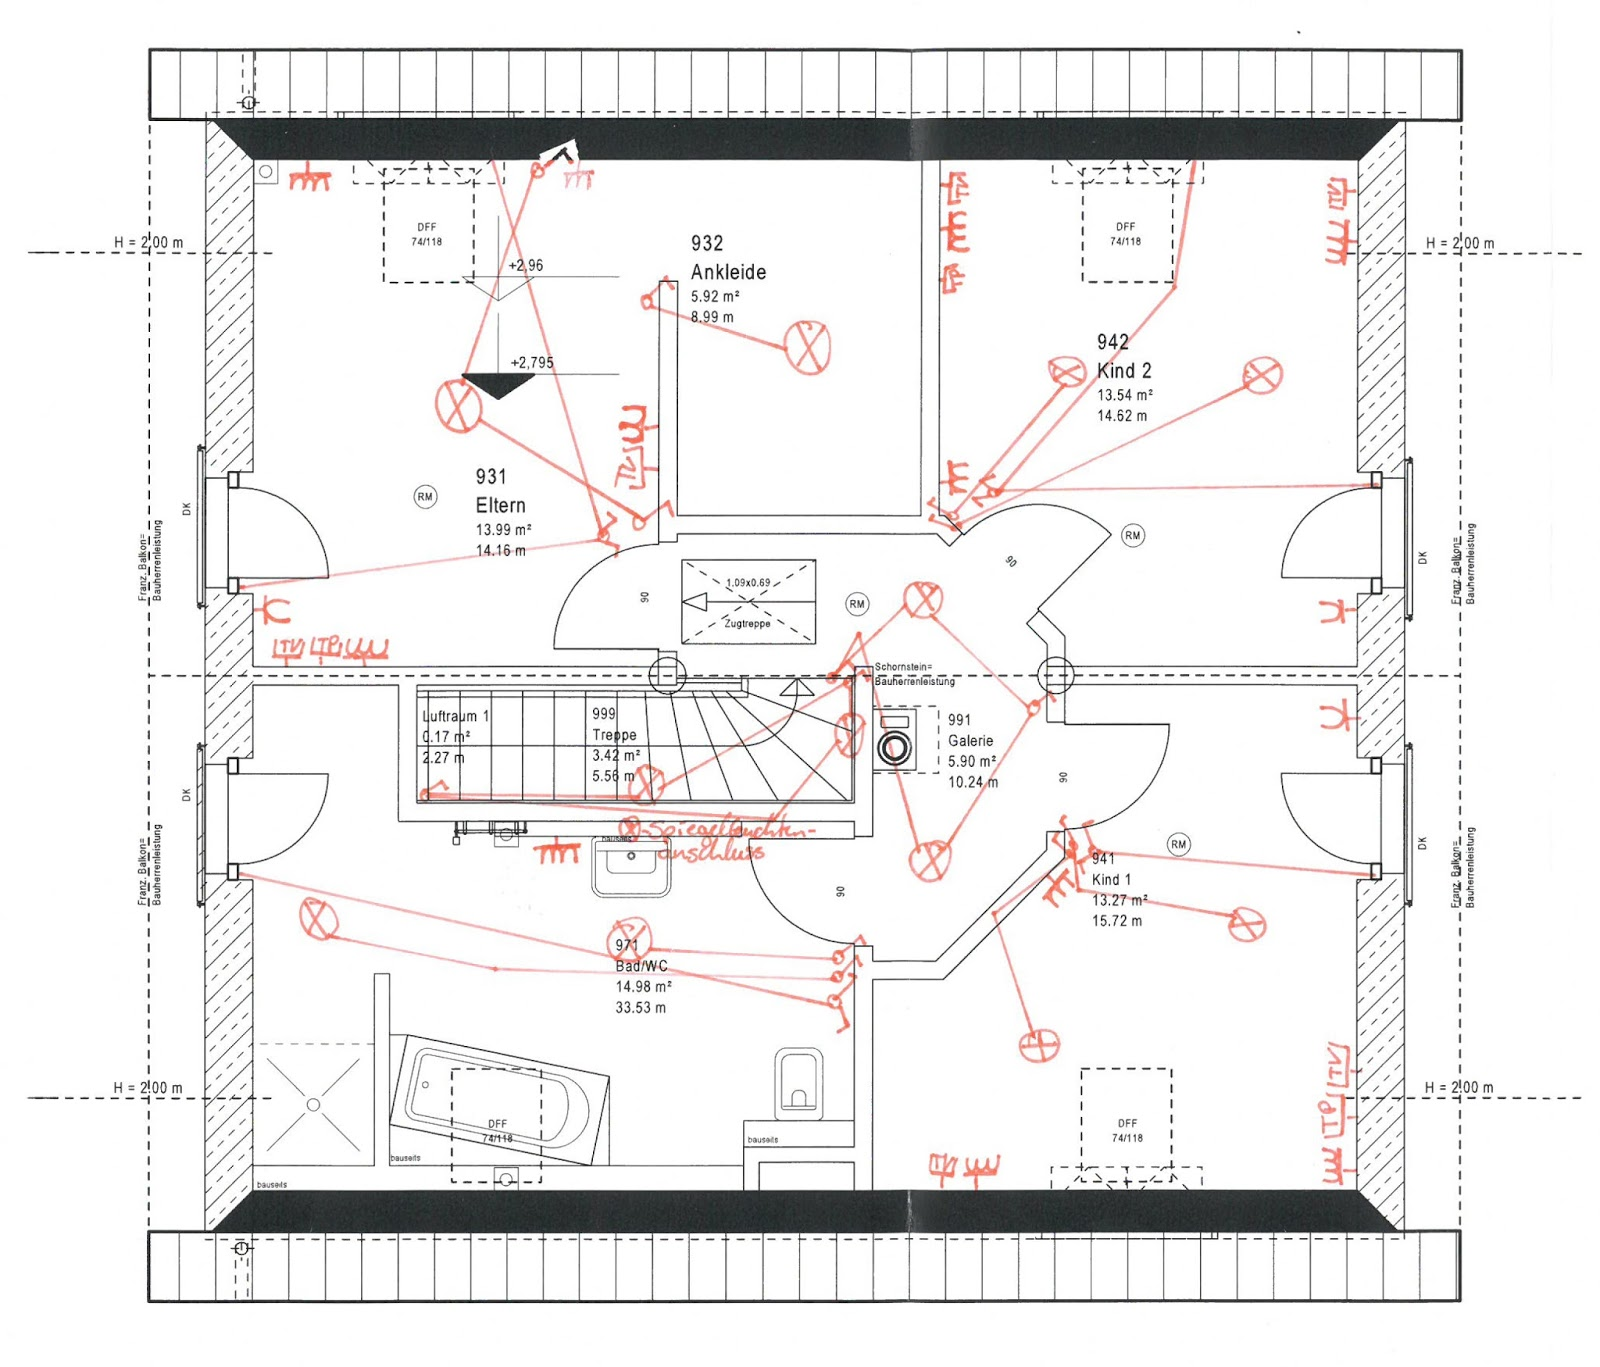 julia 39 s und sascha 39 s traum vom ein steinhaus die unterlagen f r die elektroplanung. Black Bedroom Furniture Sets. Home Design Ideas